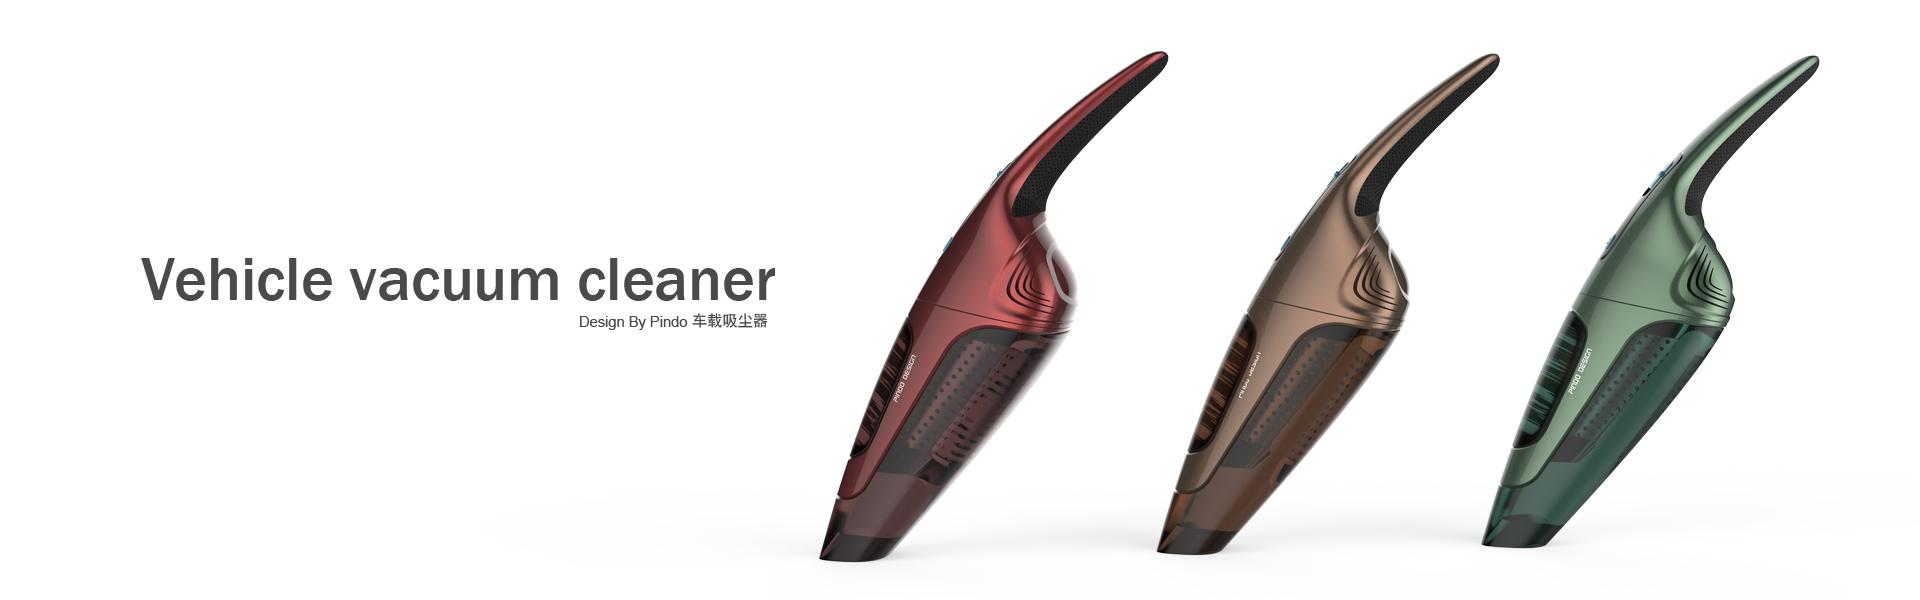 手持设备碎纸机挂烫机探测仪VR眼镜安检仪报警器麦克风话筒设计